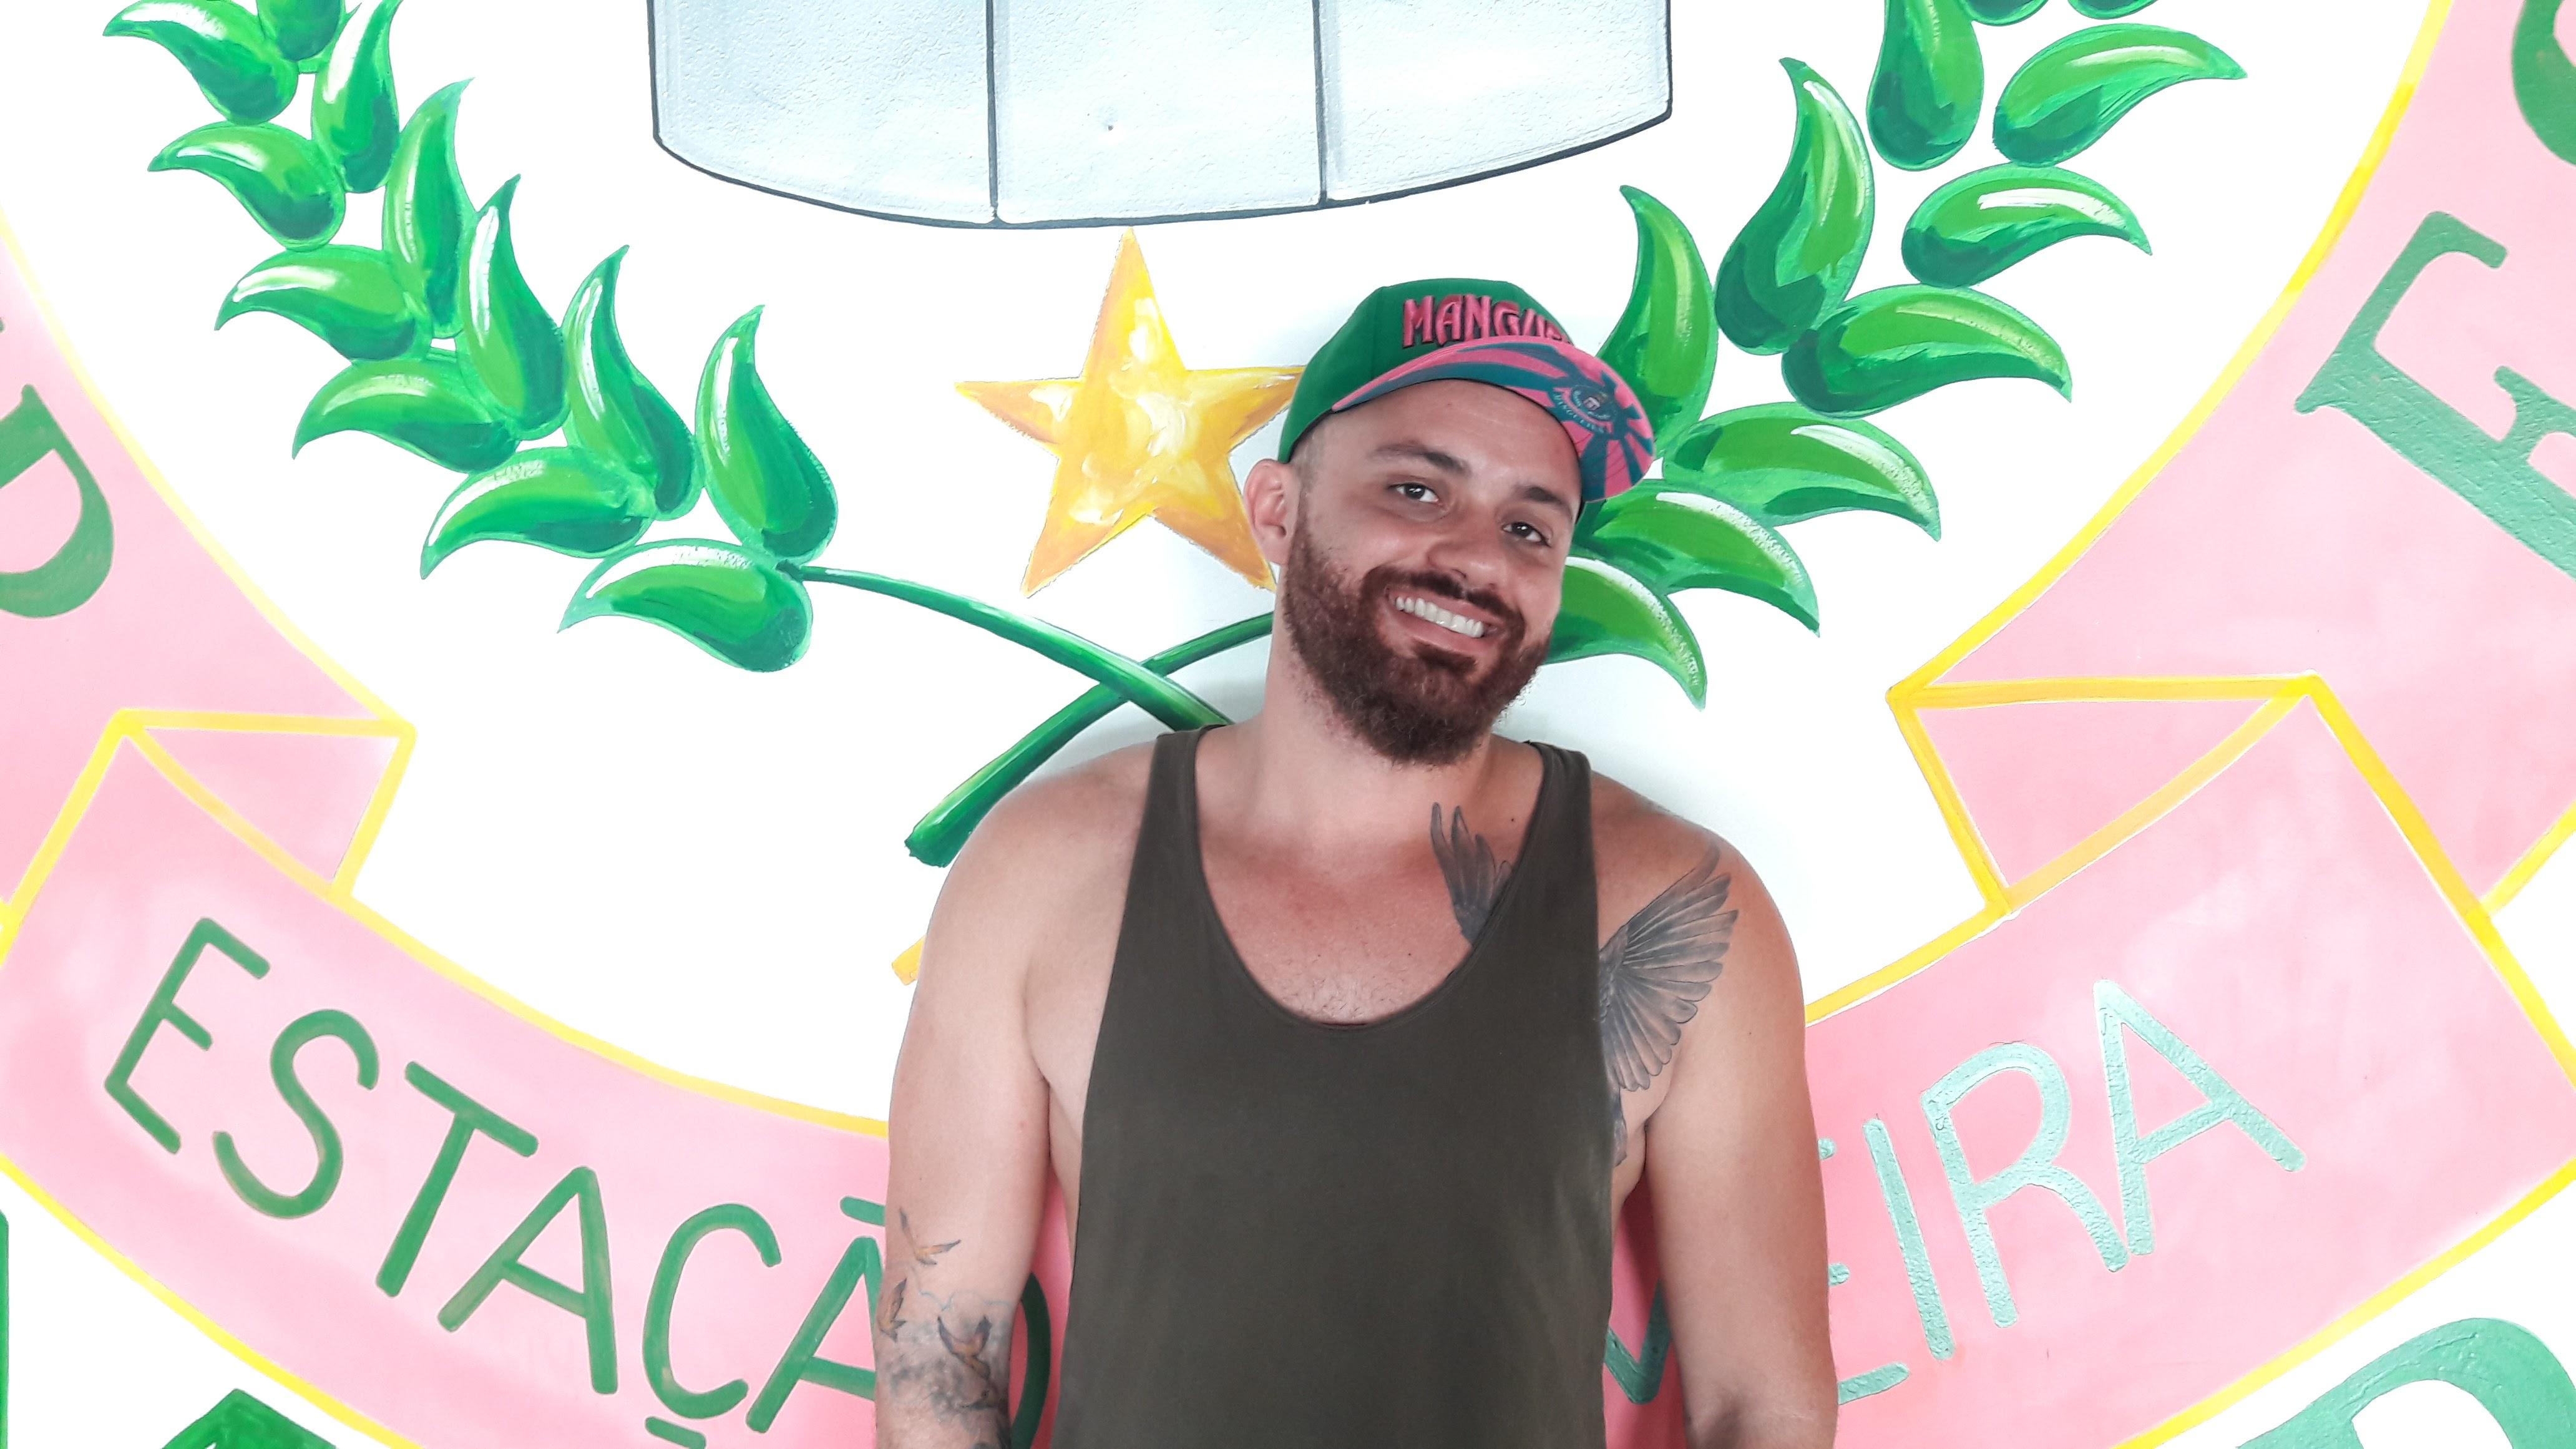 Carnavallesco da Mangueira sorri em frente a uma pintura do bandeira da escola